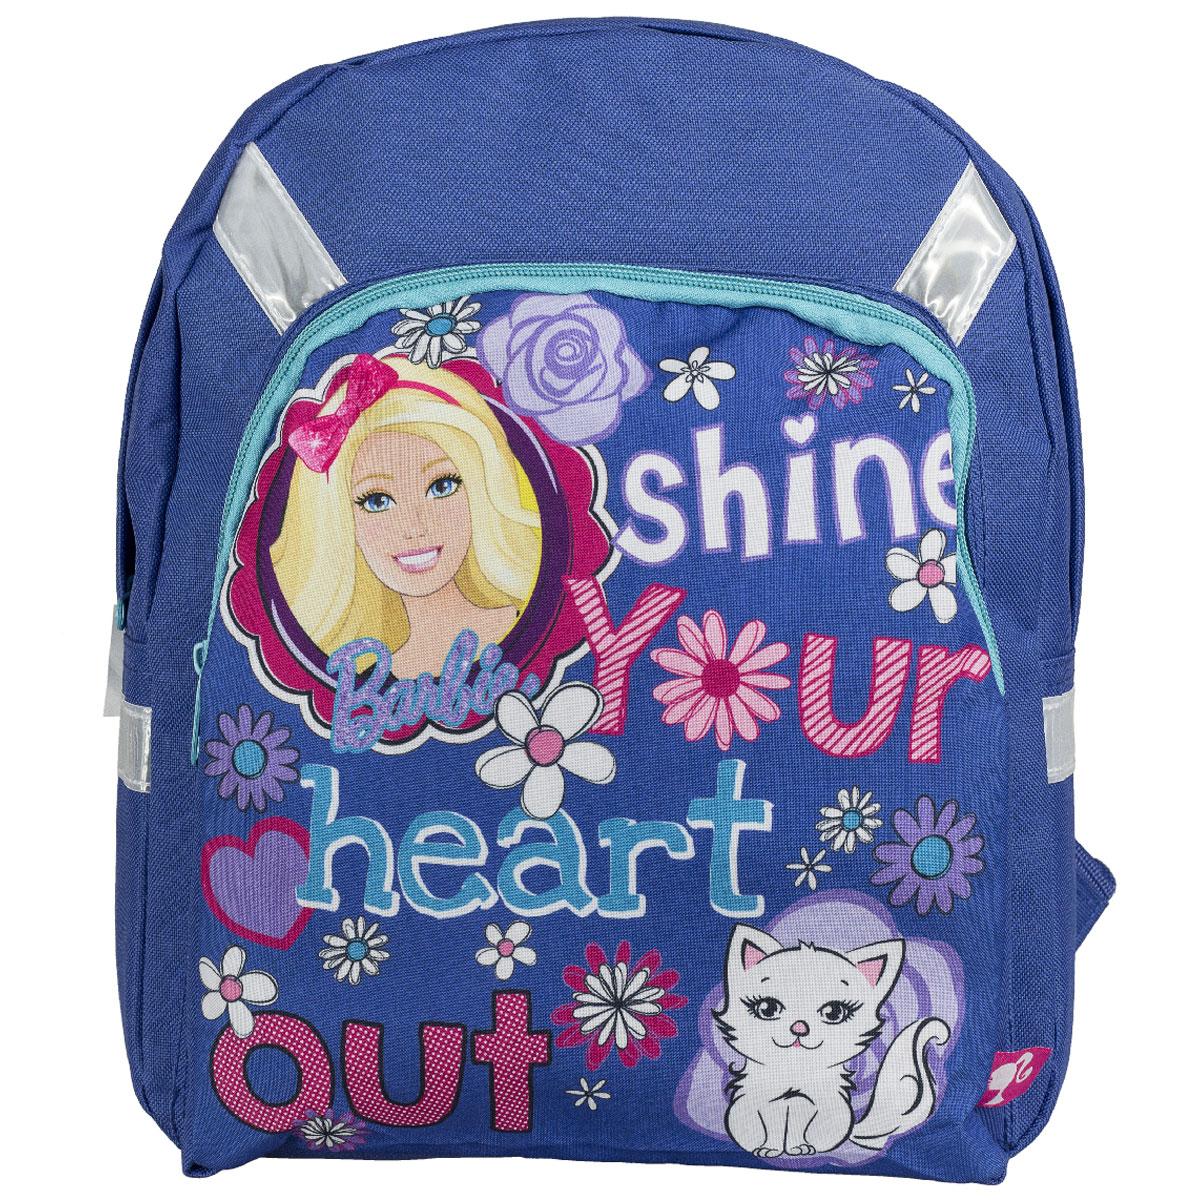 Рюкзак детский Barbie, цвет: синий. BRCB-UT4-558BRCB-UT4-558Детский рюкзак Barbie обязательно привлечет внимание вашей девочки. Выполнен из прочного и безопасного материала и дополнен изображением милой Барби с кошечкой. Содержит одно вместительное отделение, закрывающееся на застежку-молнию. Лицевая сторона оснащена накладным карманом на молнии. Широкие лямки отлично регулируются по длине. Также у рюкзака предусмотрена текстильная ручка для переноски в руке. Светоотражающие элементы обеспечивают безопасность в темное время суток. Такой рюкзак порадует глаз и подарит отличное настроение вашему ребенку, который будет с удовольствием носить в нем свои вещи или любимые игрушки. Рекомендуемый возраст: от 7 лет.